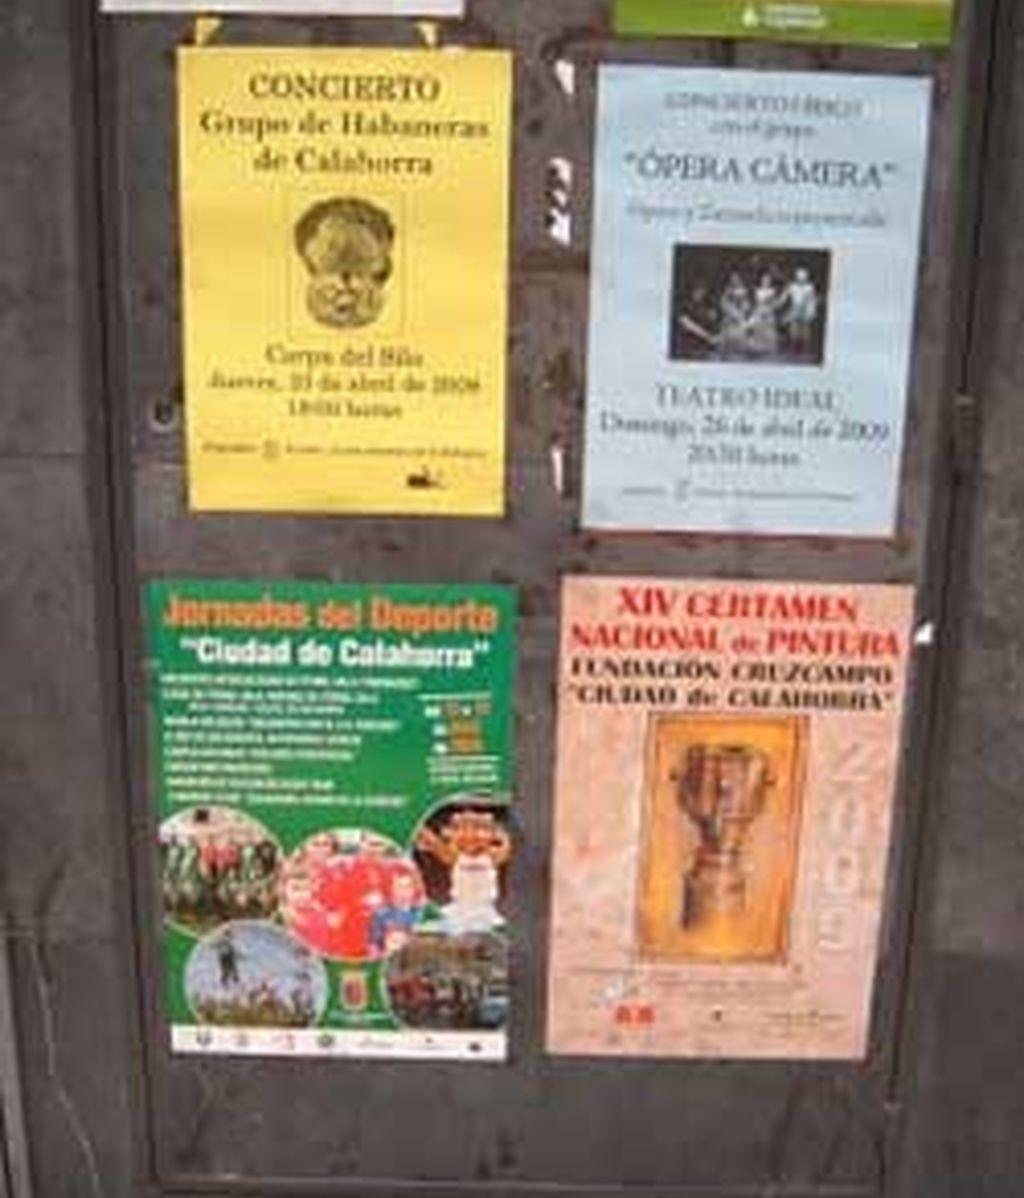 El PSOE local ha colgado en su página web imágenes de la localidad donde se ven carteles municipales en las calles. FOTO: http://psoecalahorra.blogspot.com/